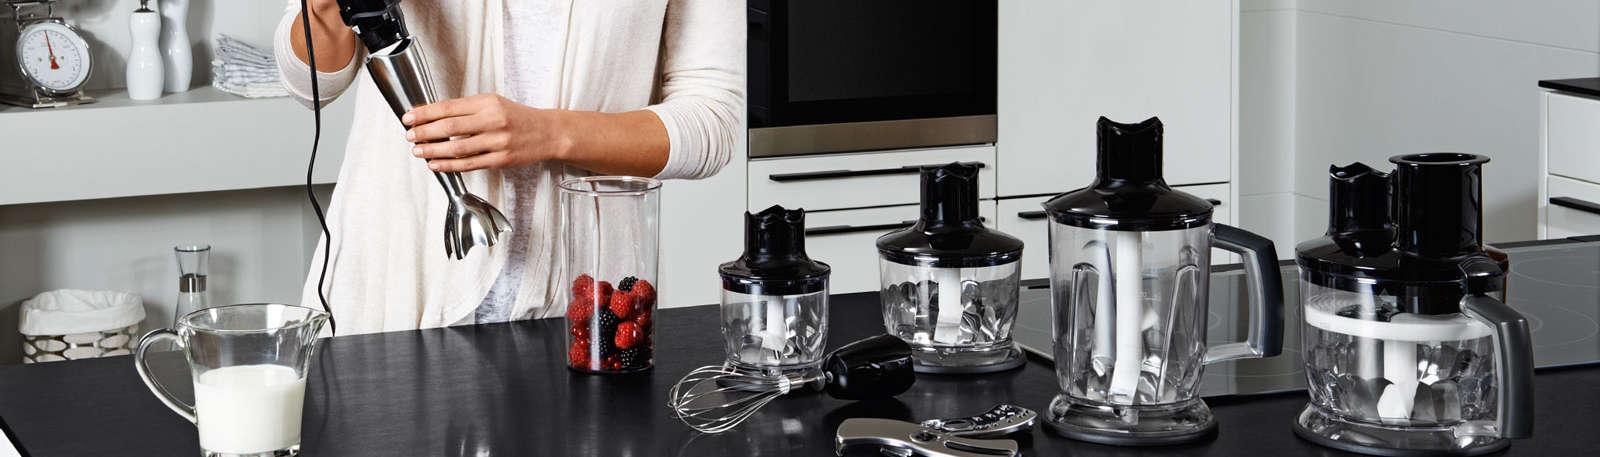 блендер на кухне фото